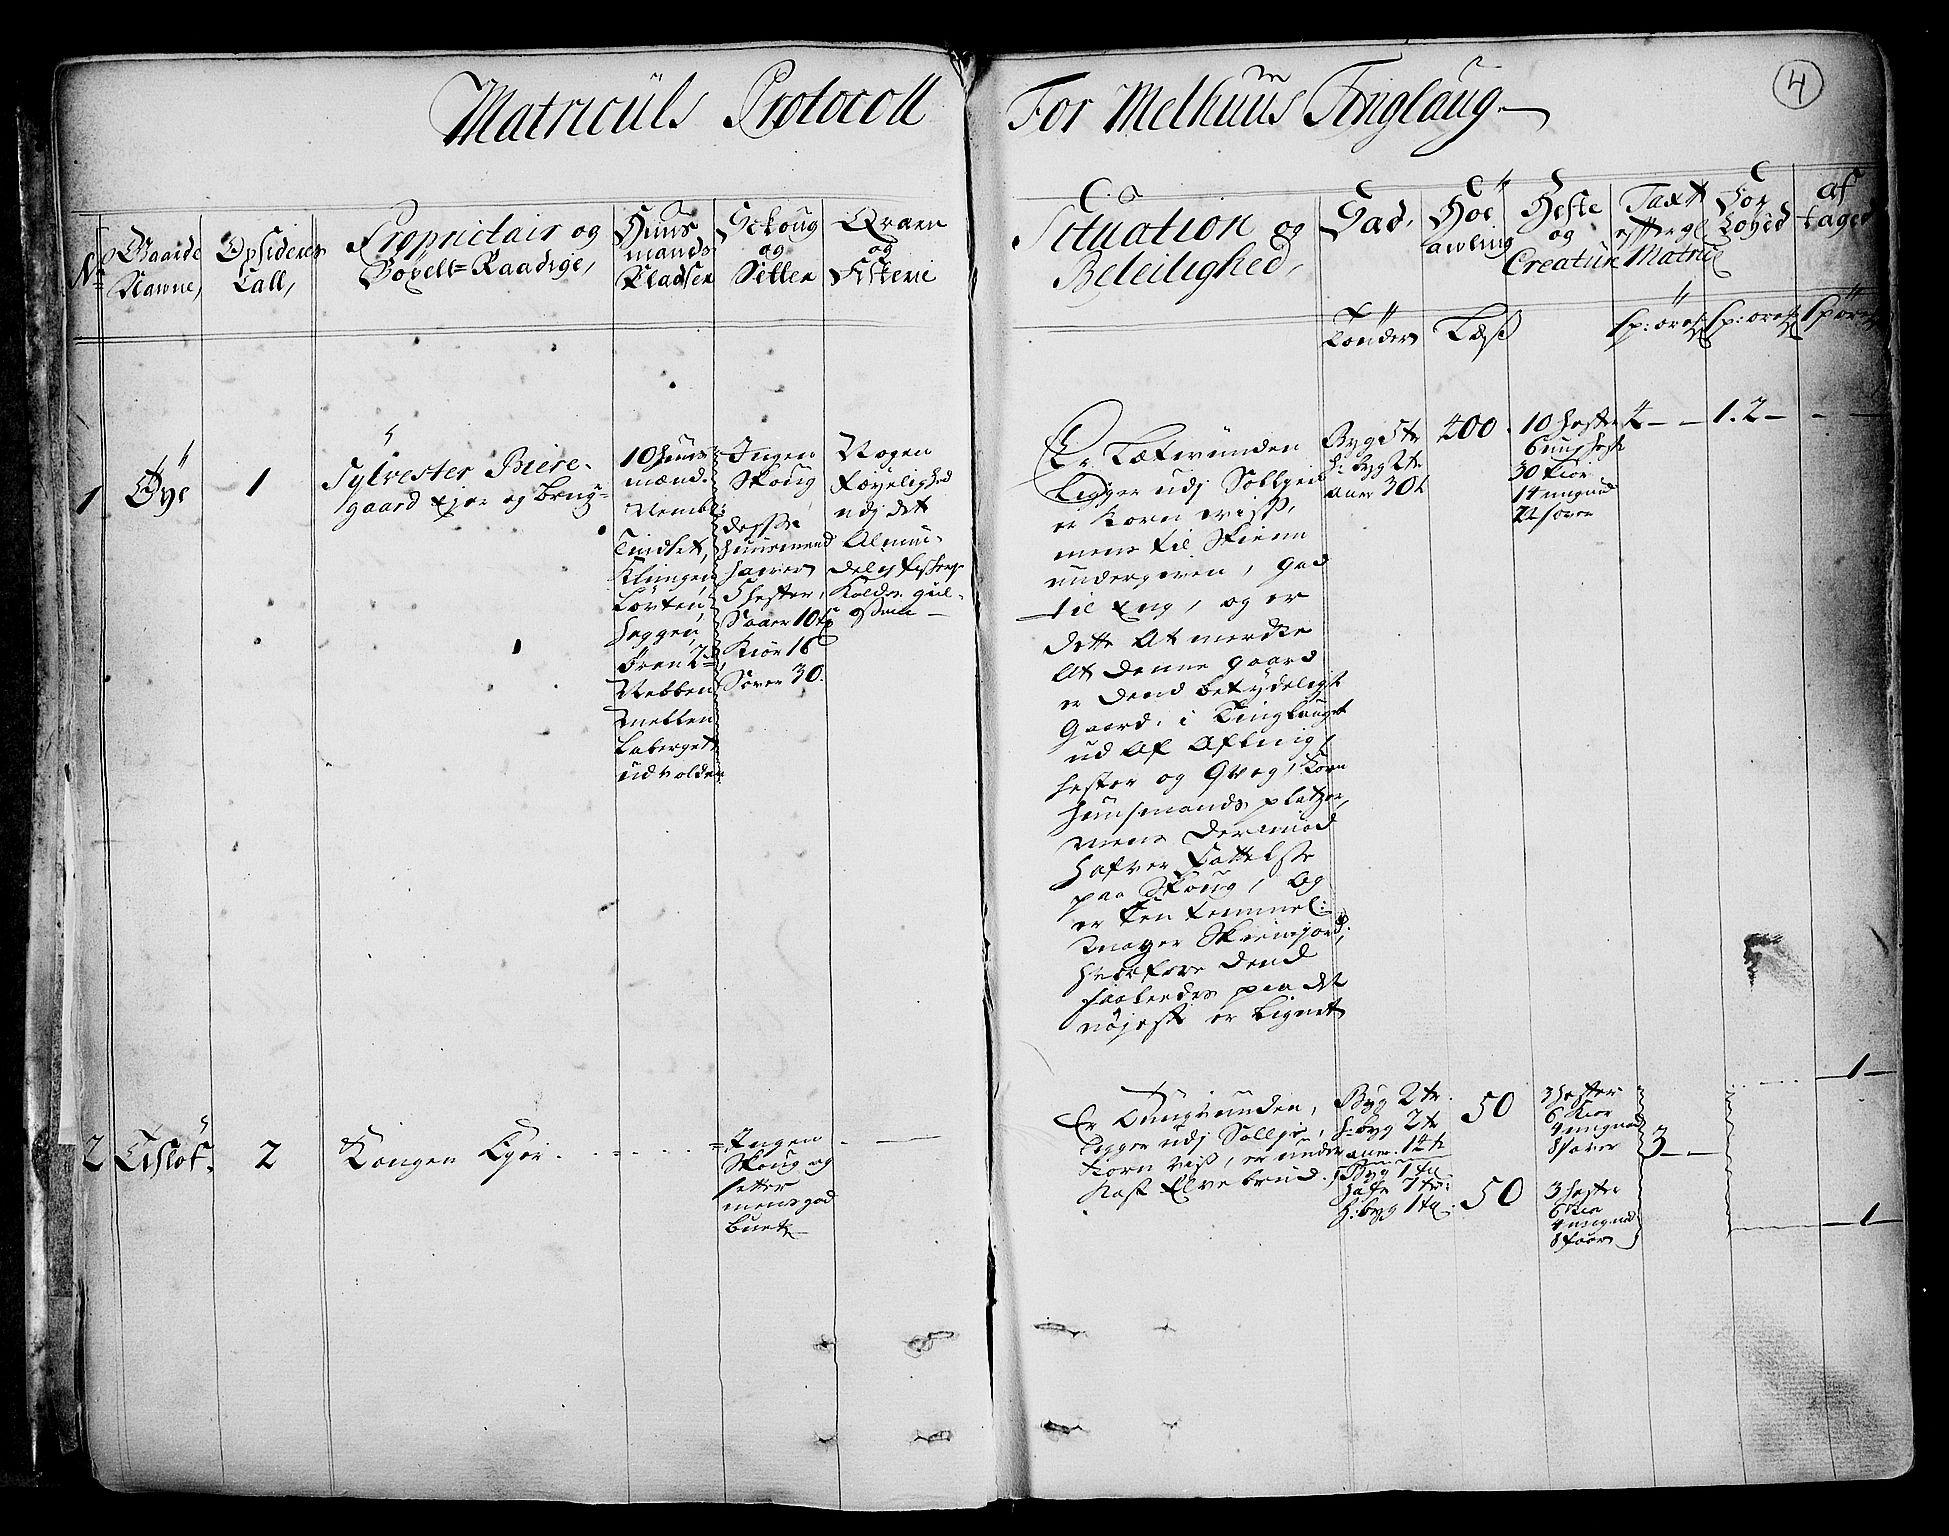 RA, Rentekammeret inntil 1814, Realistisk ordnet avdeling, N/Nb/Nbf/L0158: Gauldal eksaminasjonsprotokoll, 1723, s. 3b-4a